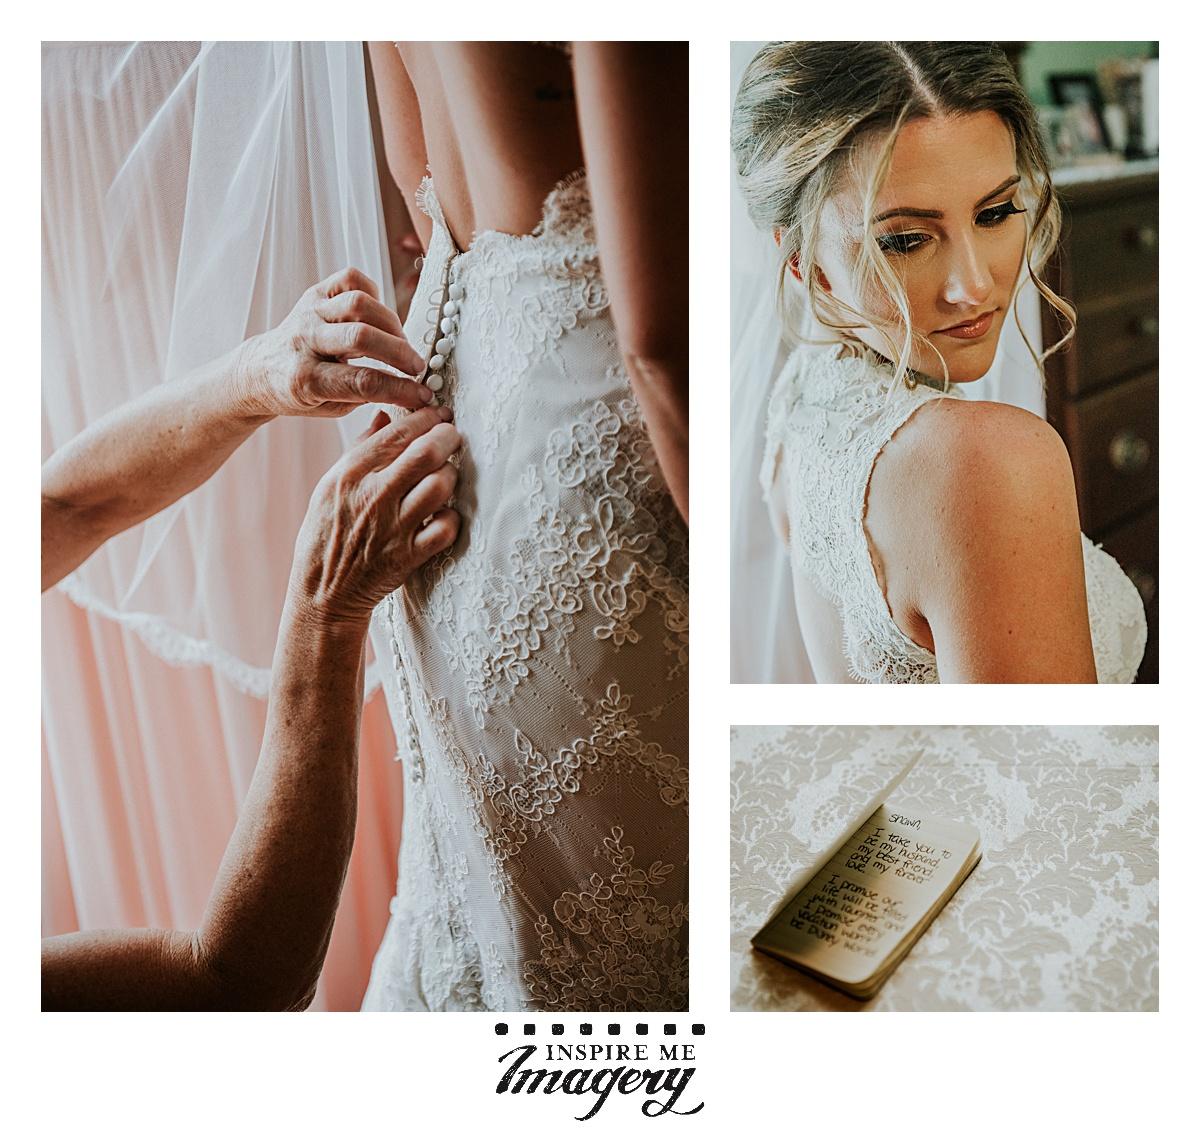 Beautiful light, beautiful bride, beautiful wedding gown, beautiful vows.